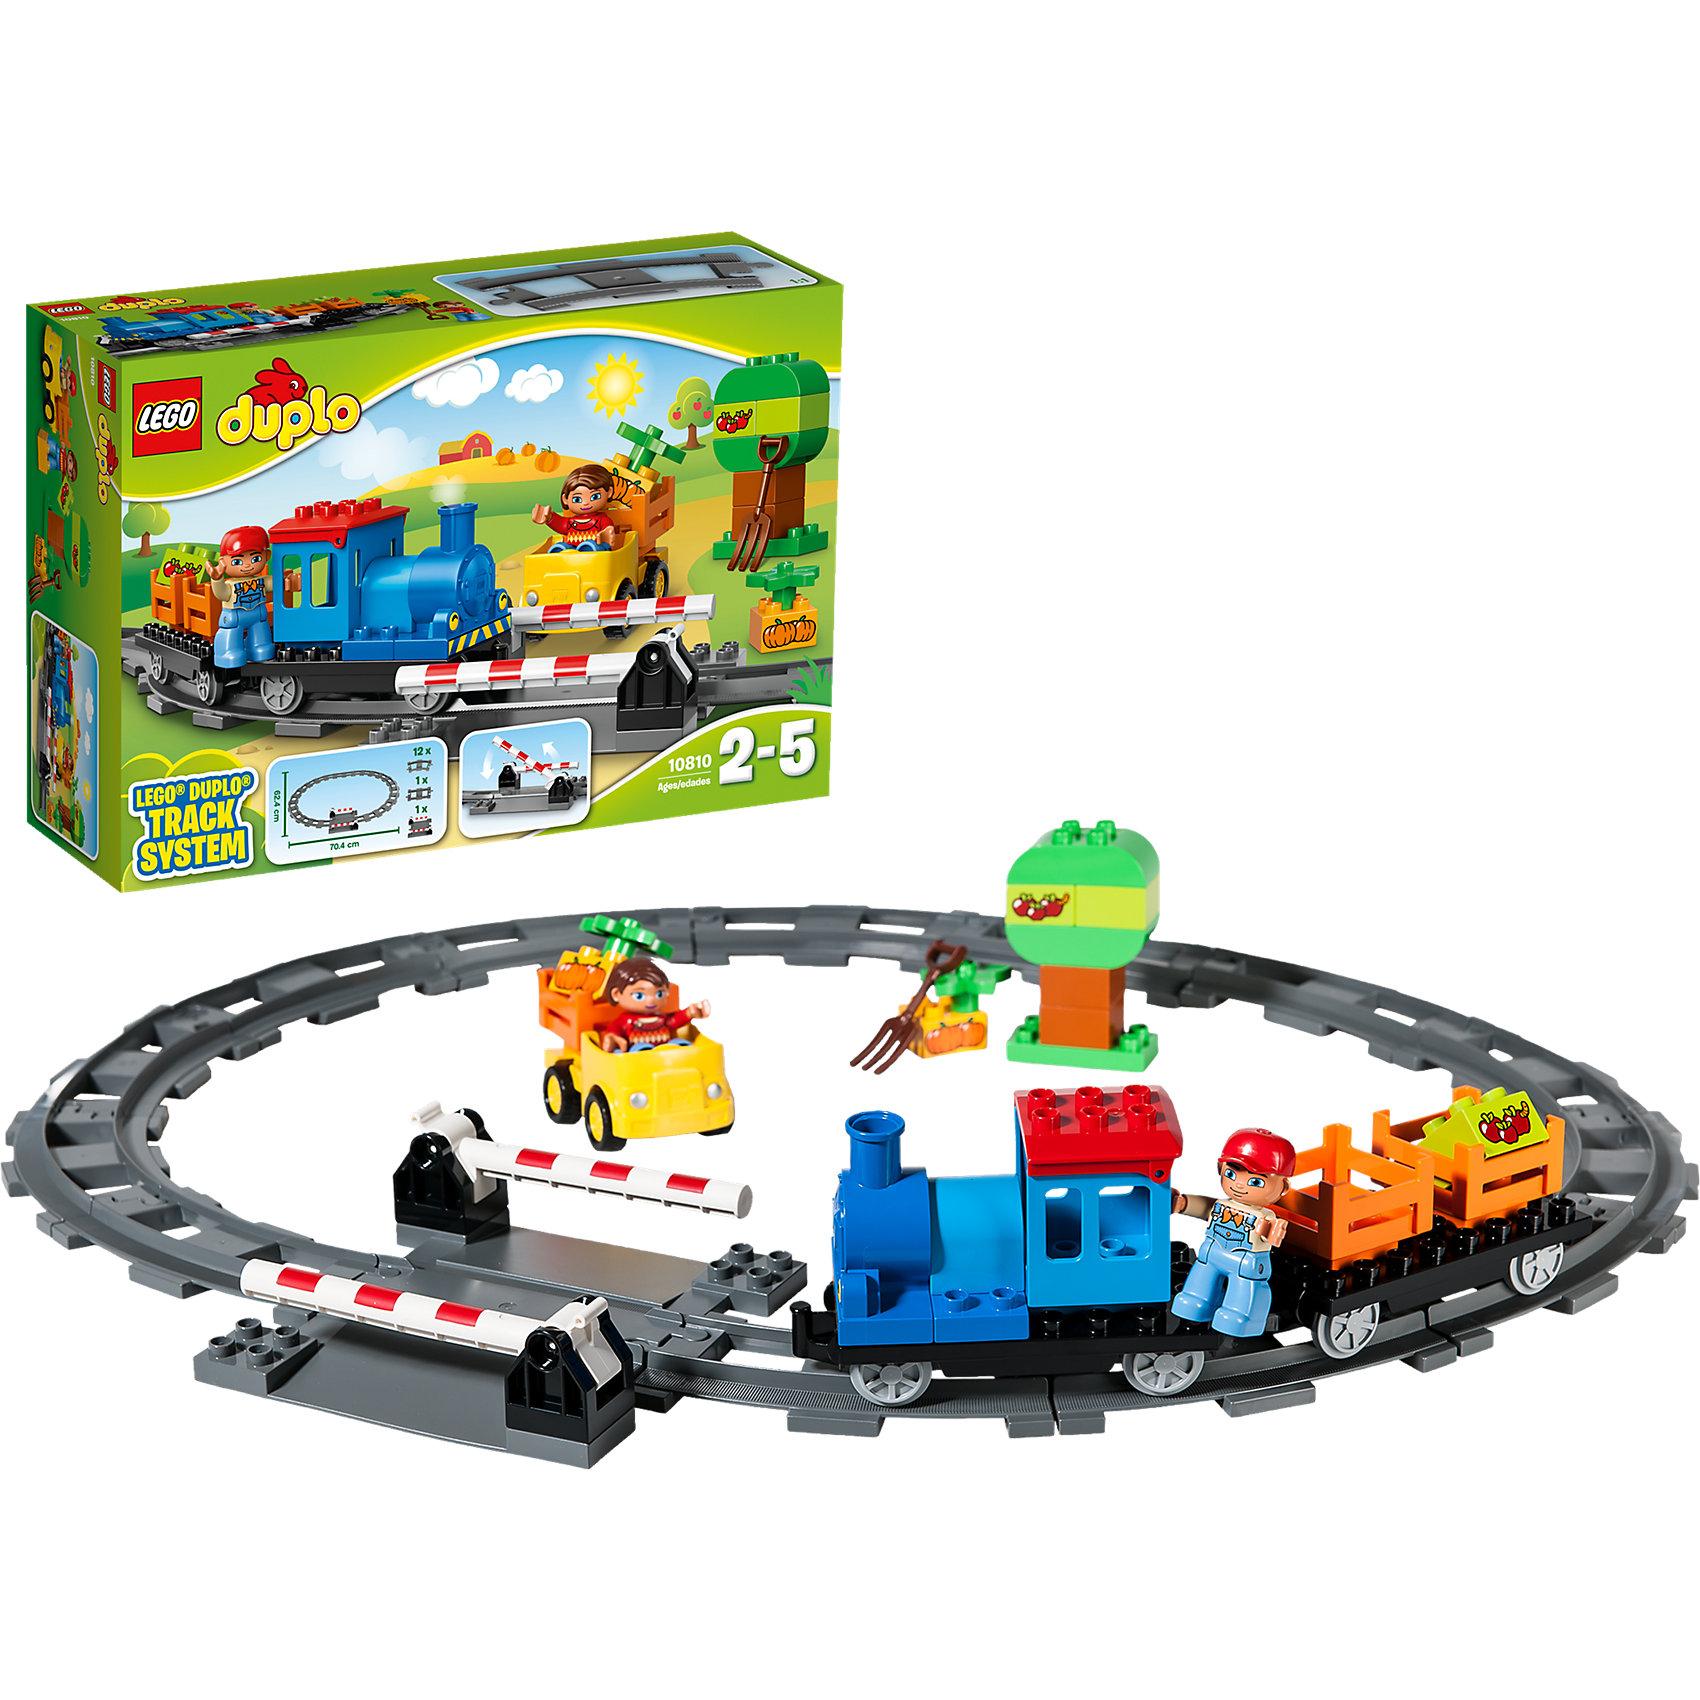 LEGO DUPLO 10810: ЛокомотивПластмассовые конструкторы<br>Играть в поезда обожает множество современных мальчишек, поэтому набор фигурок и конструктора в этой тематике обязательно обрадует ребенка. Игры с такими комплектами помогают детям развивать воображение, мелкую моторику, логику и творческое мышление.<br>Набор состоит из грузового поезда (локомотив с вагончиком), железной дороги овальной формы, жёлтого автомобиля, дерева, обучающих кубиков: 2 с тыковками и 2 с яблоками и двух фигурок<br>машиниста и водителя. С таким комплектом можно придумать множество игр!<br><br>Дополнительная информация:<br><br>цвет: разноцветный;<br>материал: пластик;<br>количество деталей: 45;<br>размеры: грузовой поезд (10х28х6 см), железная дорога (62х70 см), машина (9х11х7 см).<br><br>Комплект Локомотив от компании LEGO DUPLO можно купить в нашем магазине.<br><br>Ширина мм: 118<br>Глубина мм: 382<br>Высота мм: 262<br>Вес г: 1011<br>Возраст от месяцев: 24<br>Возраст до месяцев: 60<br>Пол: Унисекс<br>Возраст: Детский<br>SKU: 4906927